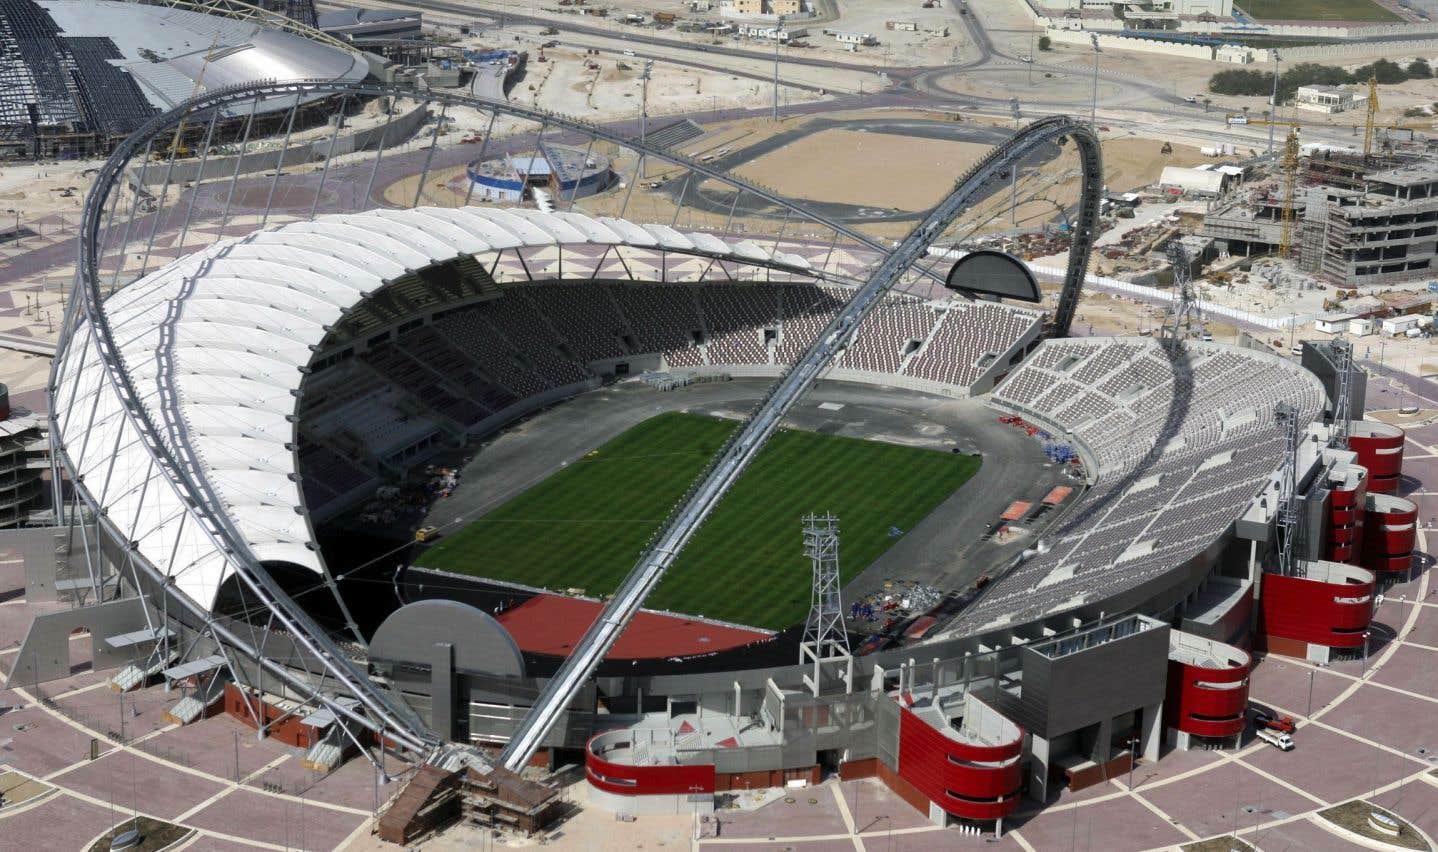 Ce stade qui compte aujourd'hui 40 000 places serait le plus grand du Qatar. Il a été inauguré en 1976 pour accueillir la Coupe du Golfe des Nations de football, avant d'être rénové à quelques reprises au fil des ans.